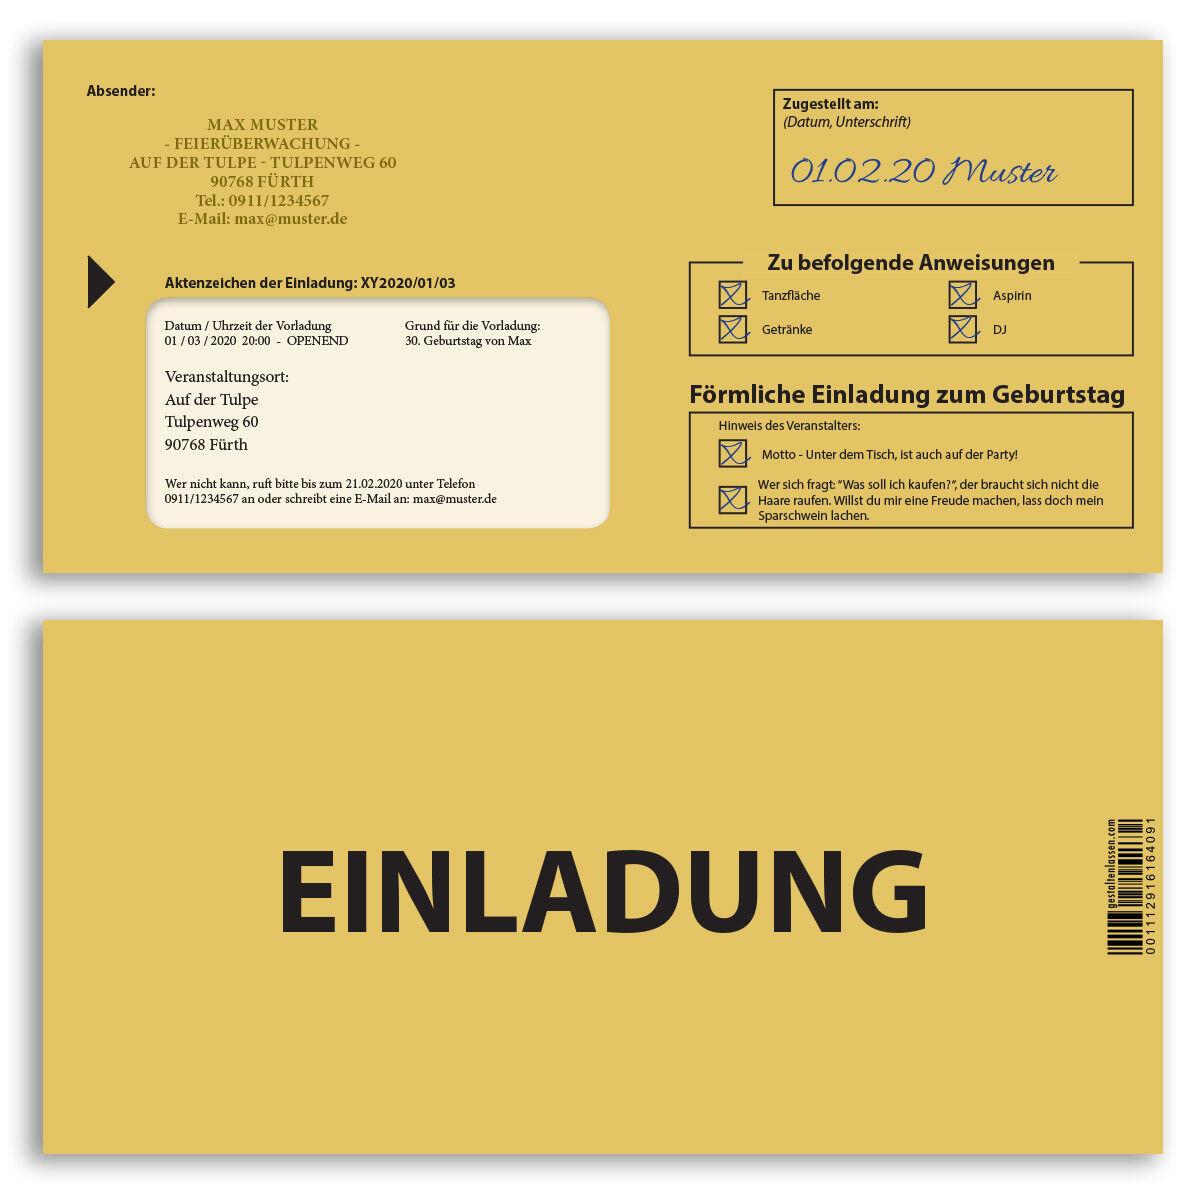 Einladungskarten zum Geburtstag Einschreiben Mahnbescheid förmliche Einladung | Moderne Muster  | Kostengünstig